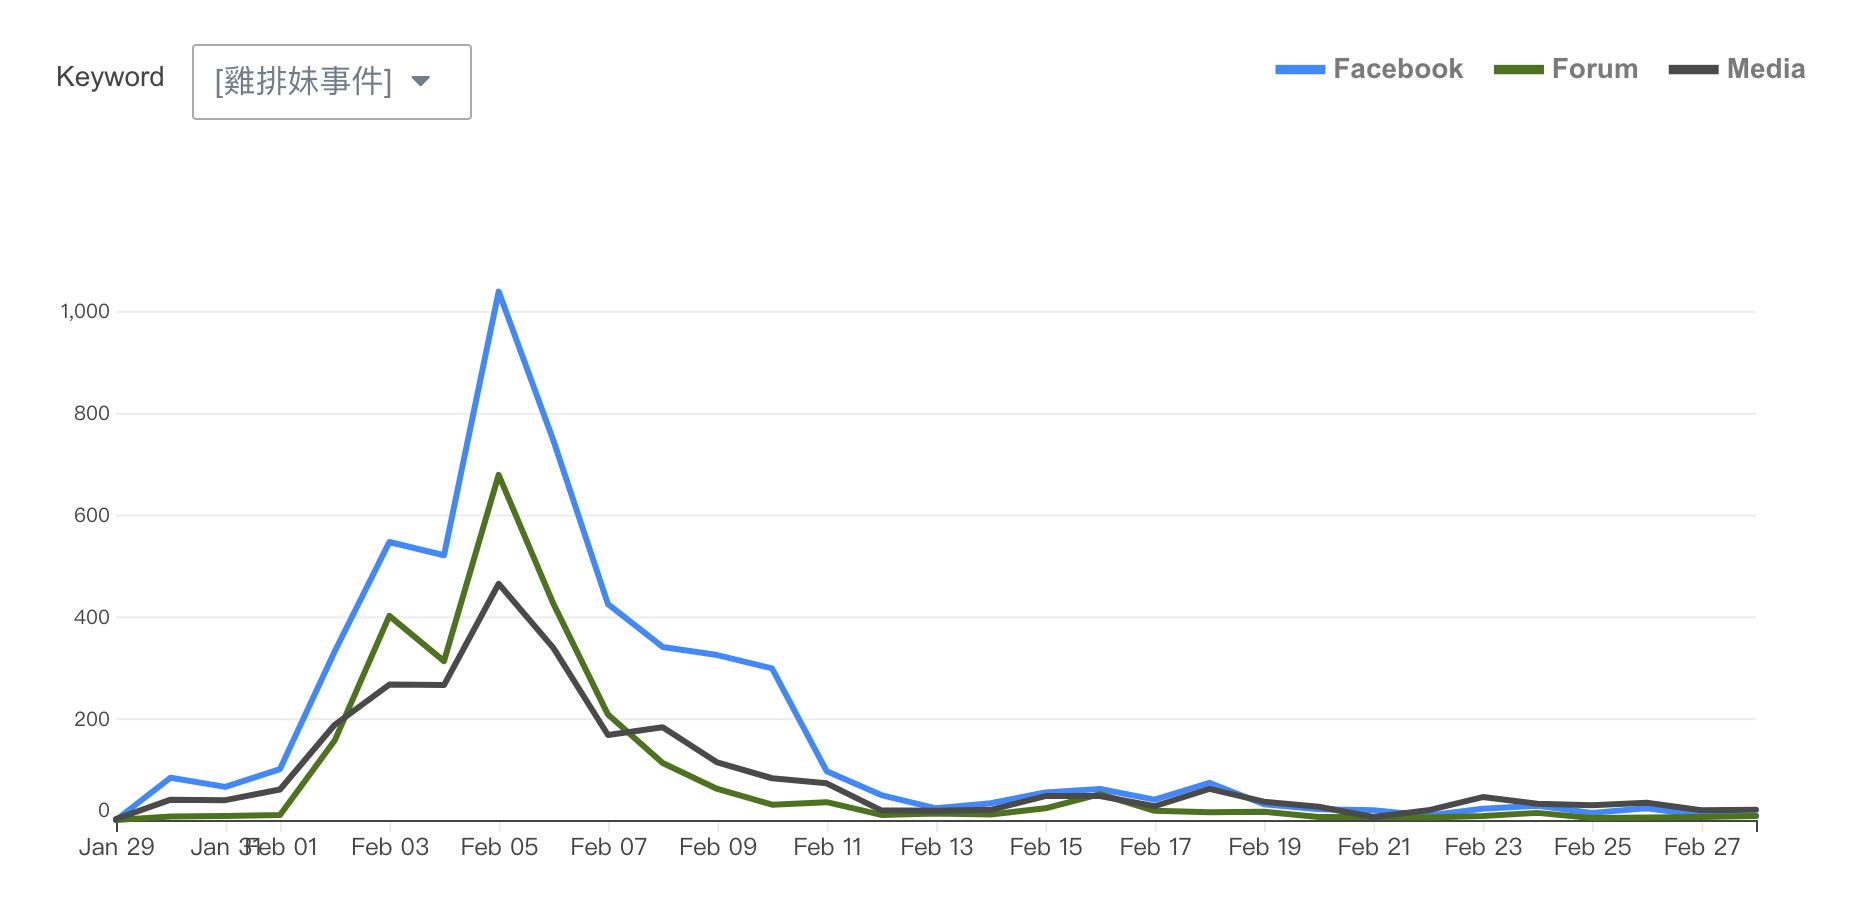 雞排妹性騷擾爭議 - 網路聲量趨勢圖